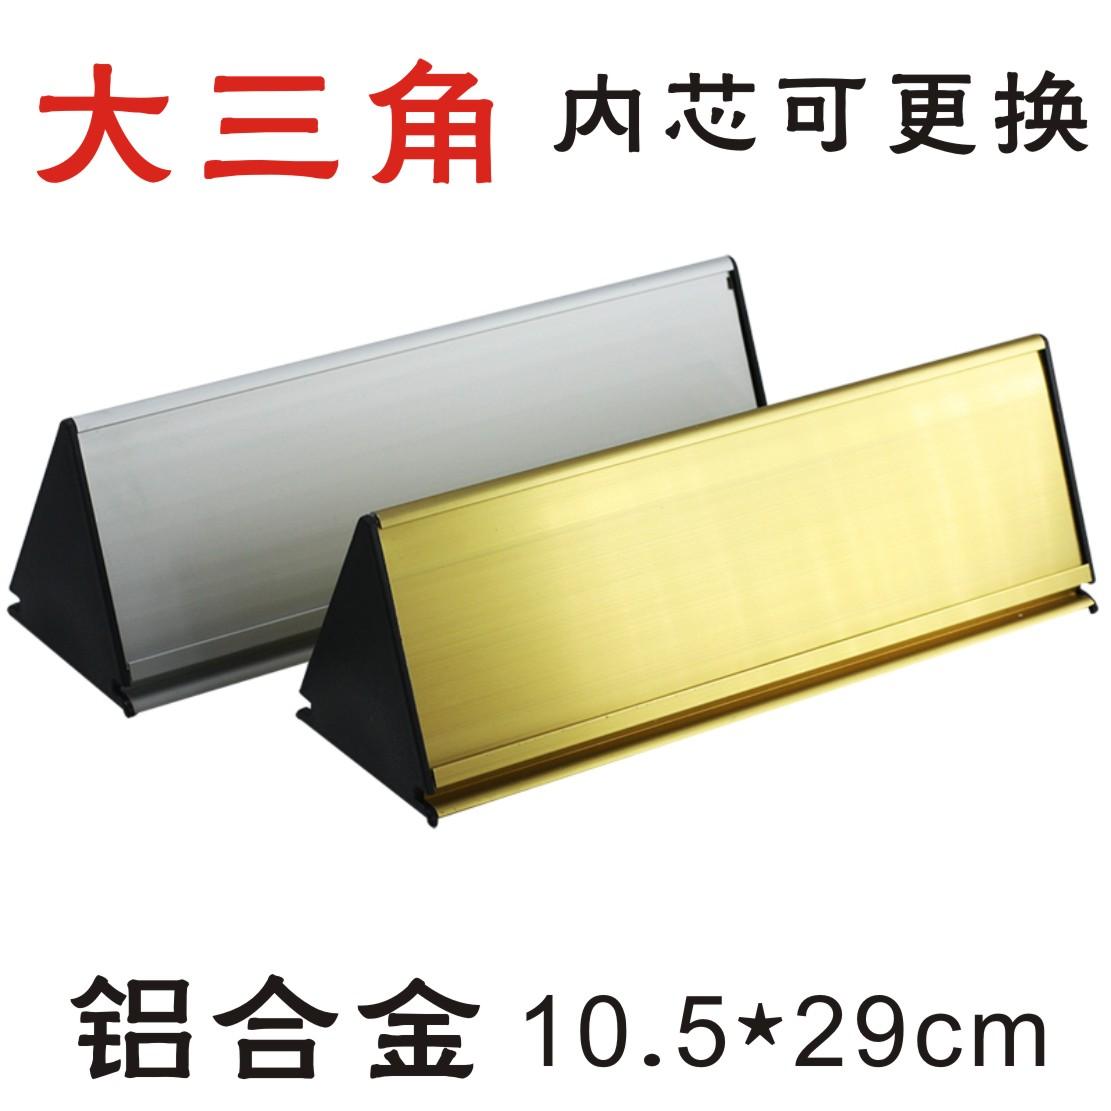 高档双面铝合金三角台牌台卡台签办公室桌牌金属会议台签10.图片